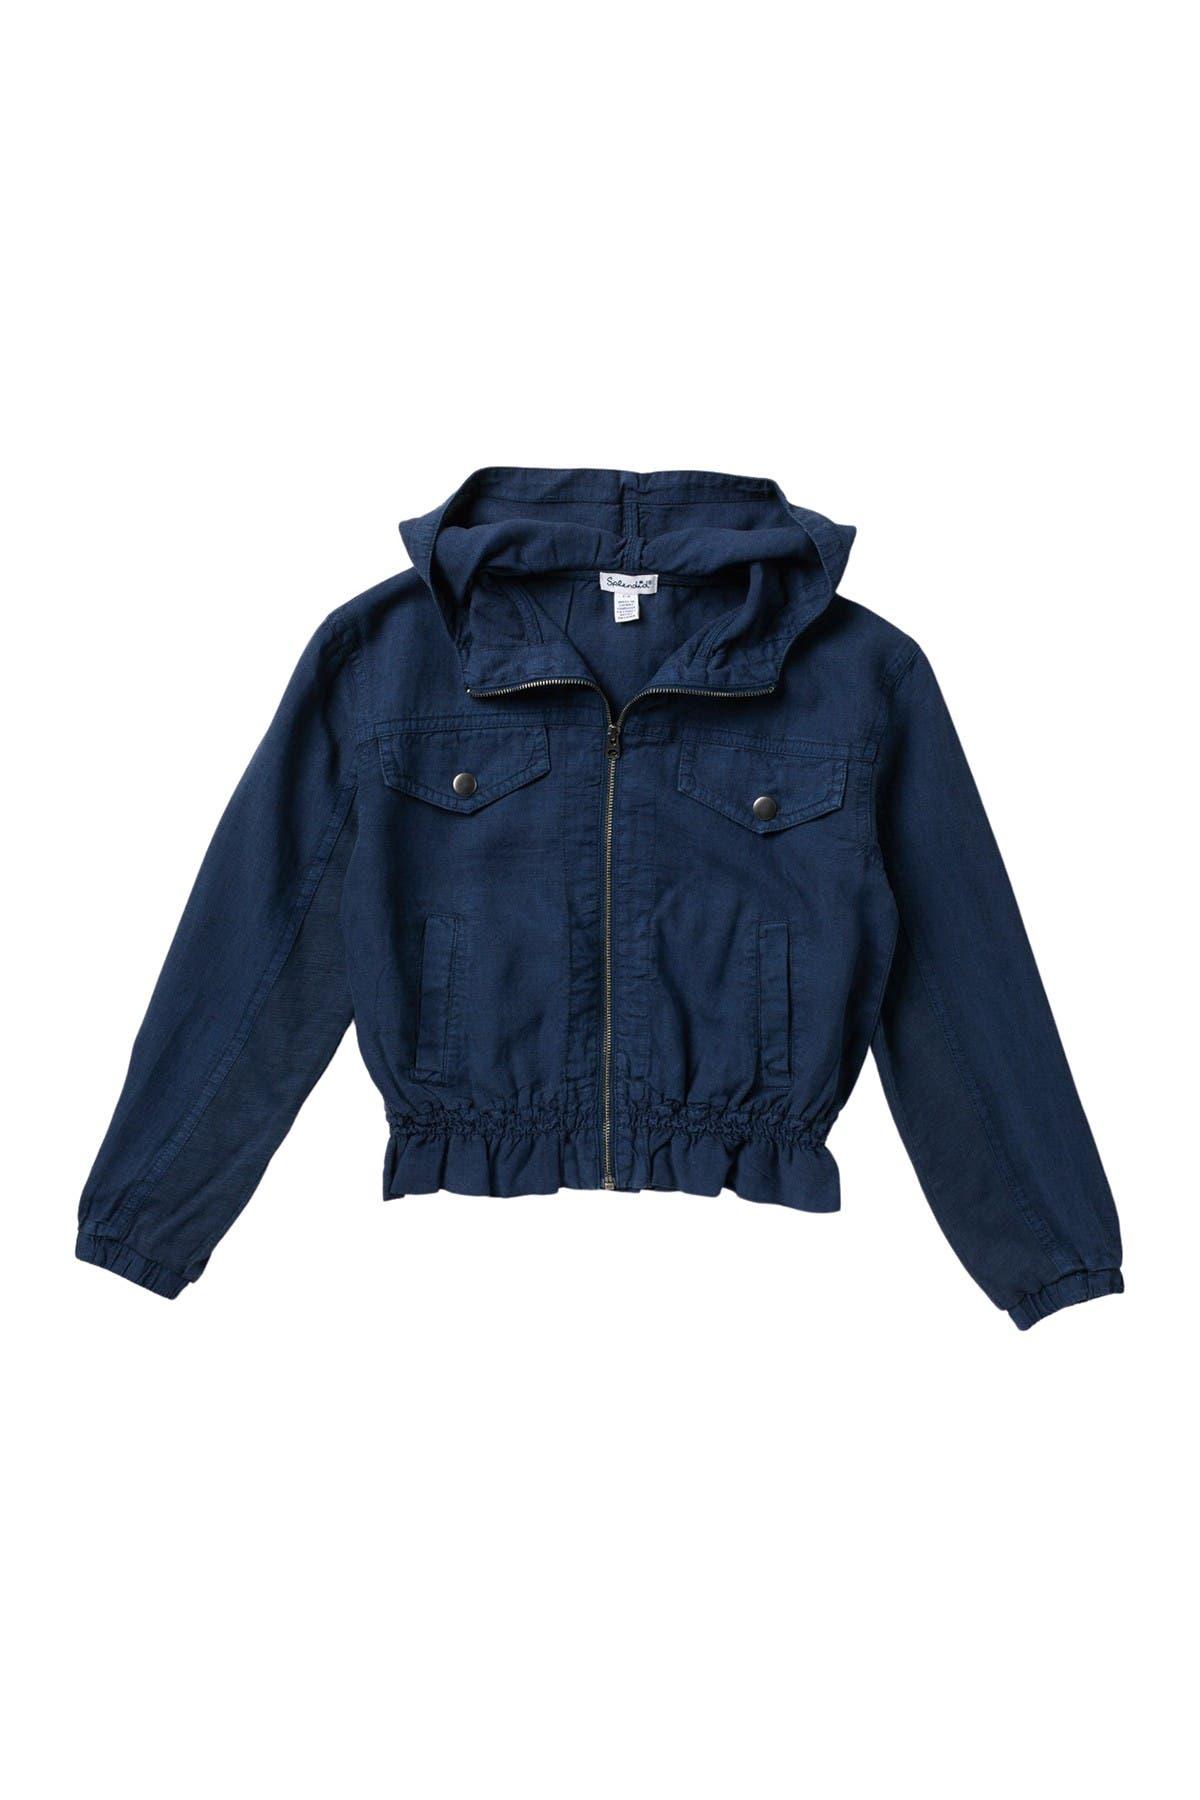 Image of Splendid Light Twill Jacket